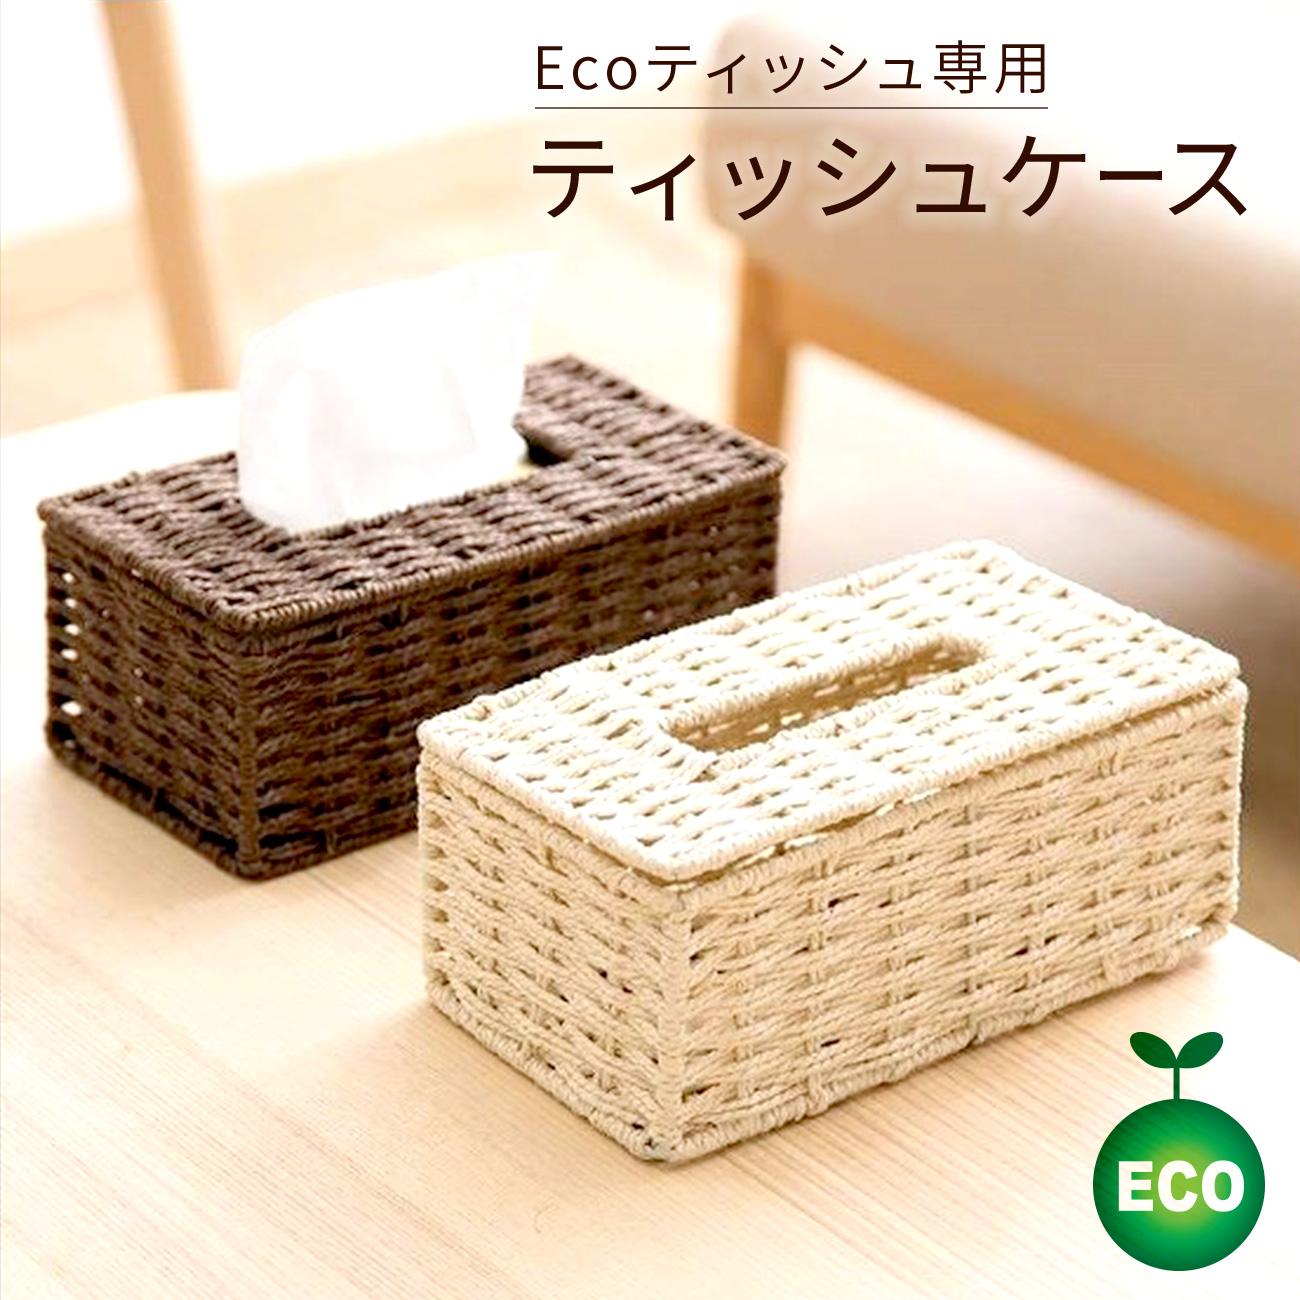 返品不可 ティッシュケース ティッシュカバー 木製 北欧 かご編み 籐編み ティッシュボックス おしゃれ カフェ 海外輸入 デザイン 収納 卓上 インテリア 便利 クラフト シンプル